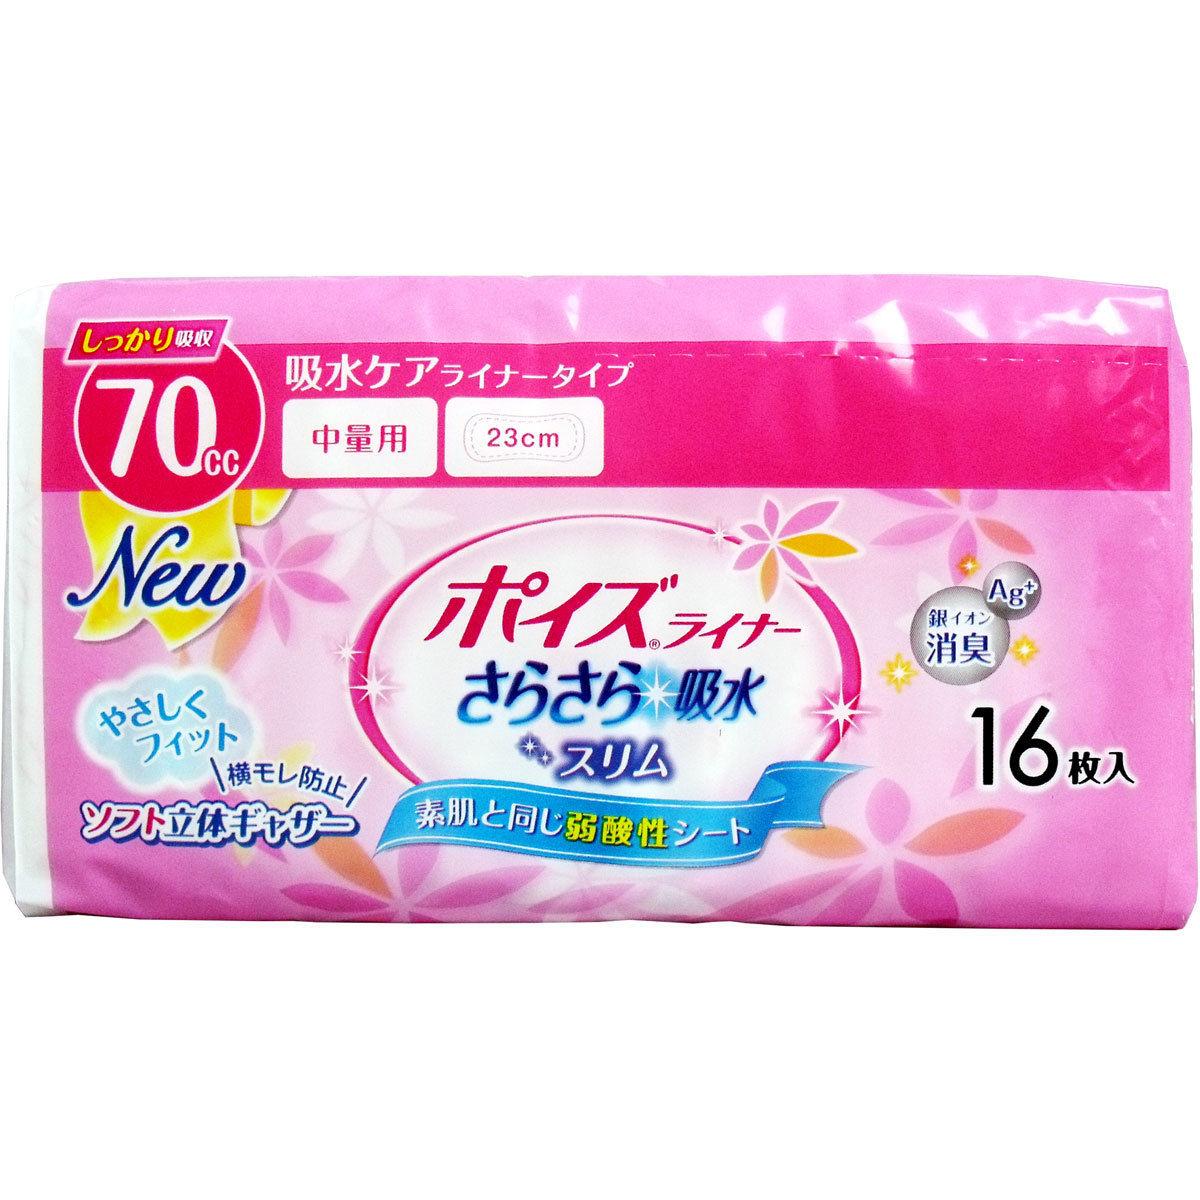 介護 尿とりパッド ポイズライナー 中量用70cc 16枚入◆4901750809072